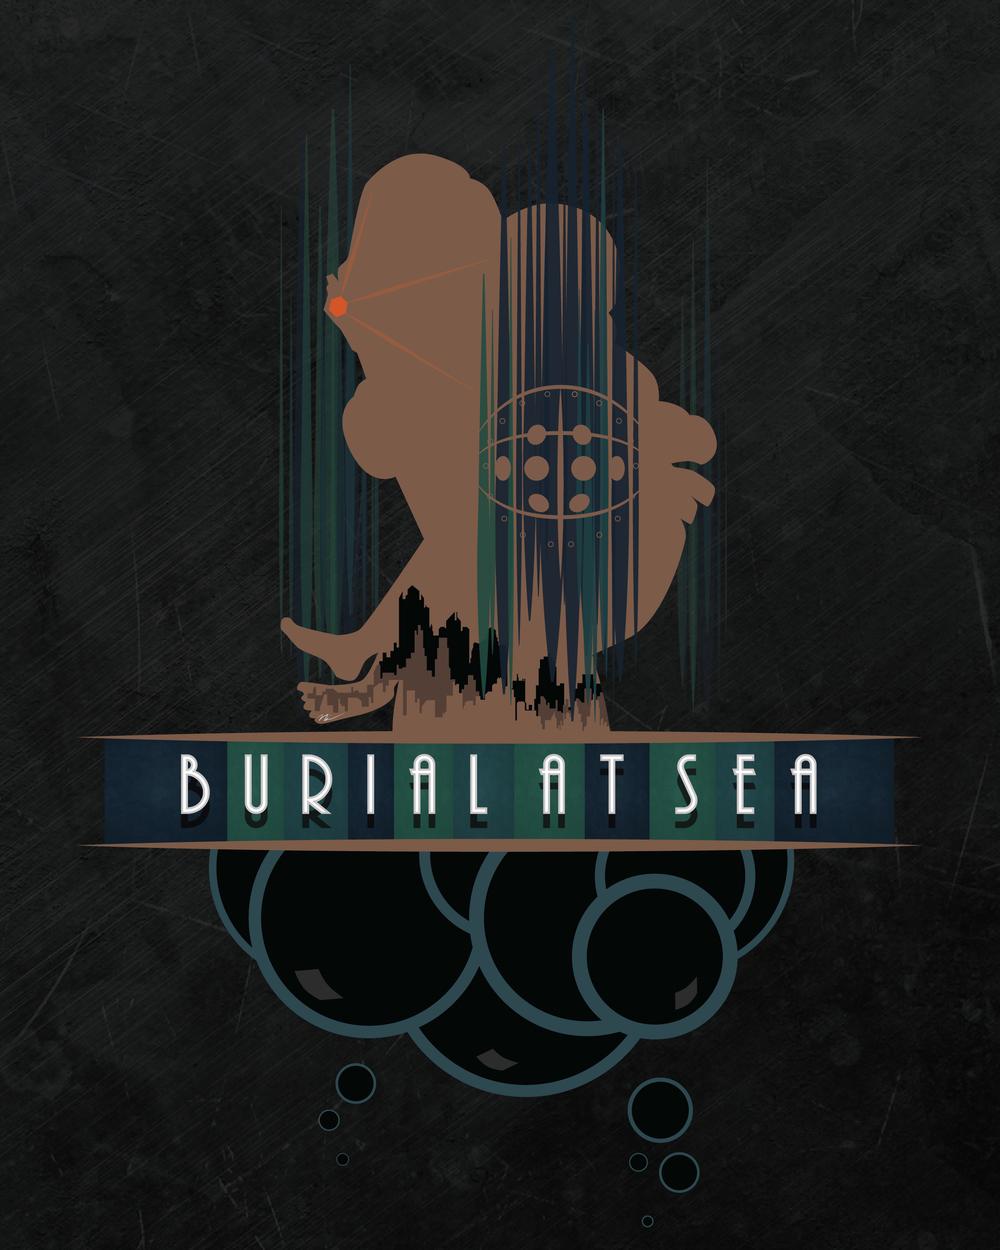 Bioshock-Infinite-Burial-at-Sea-Logo.jpg